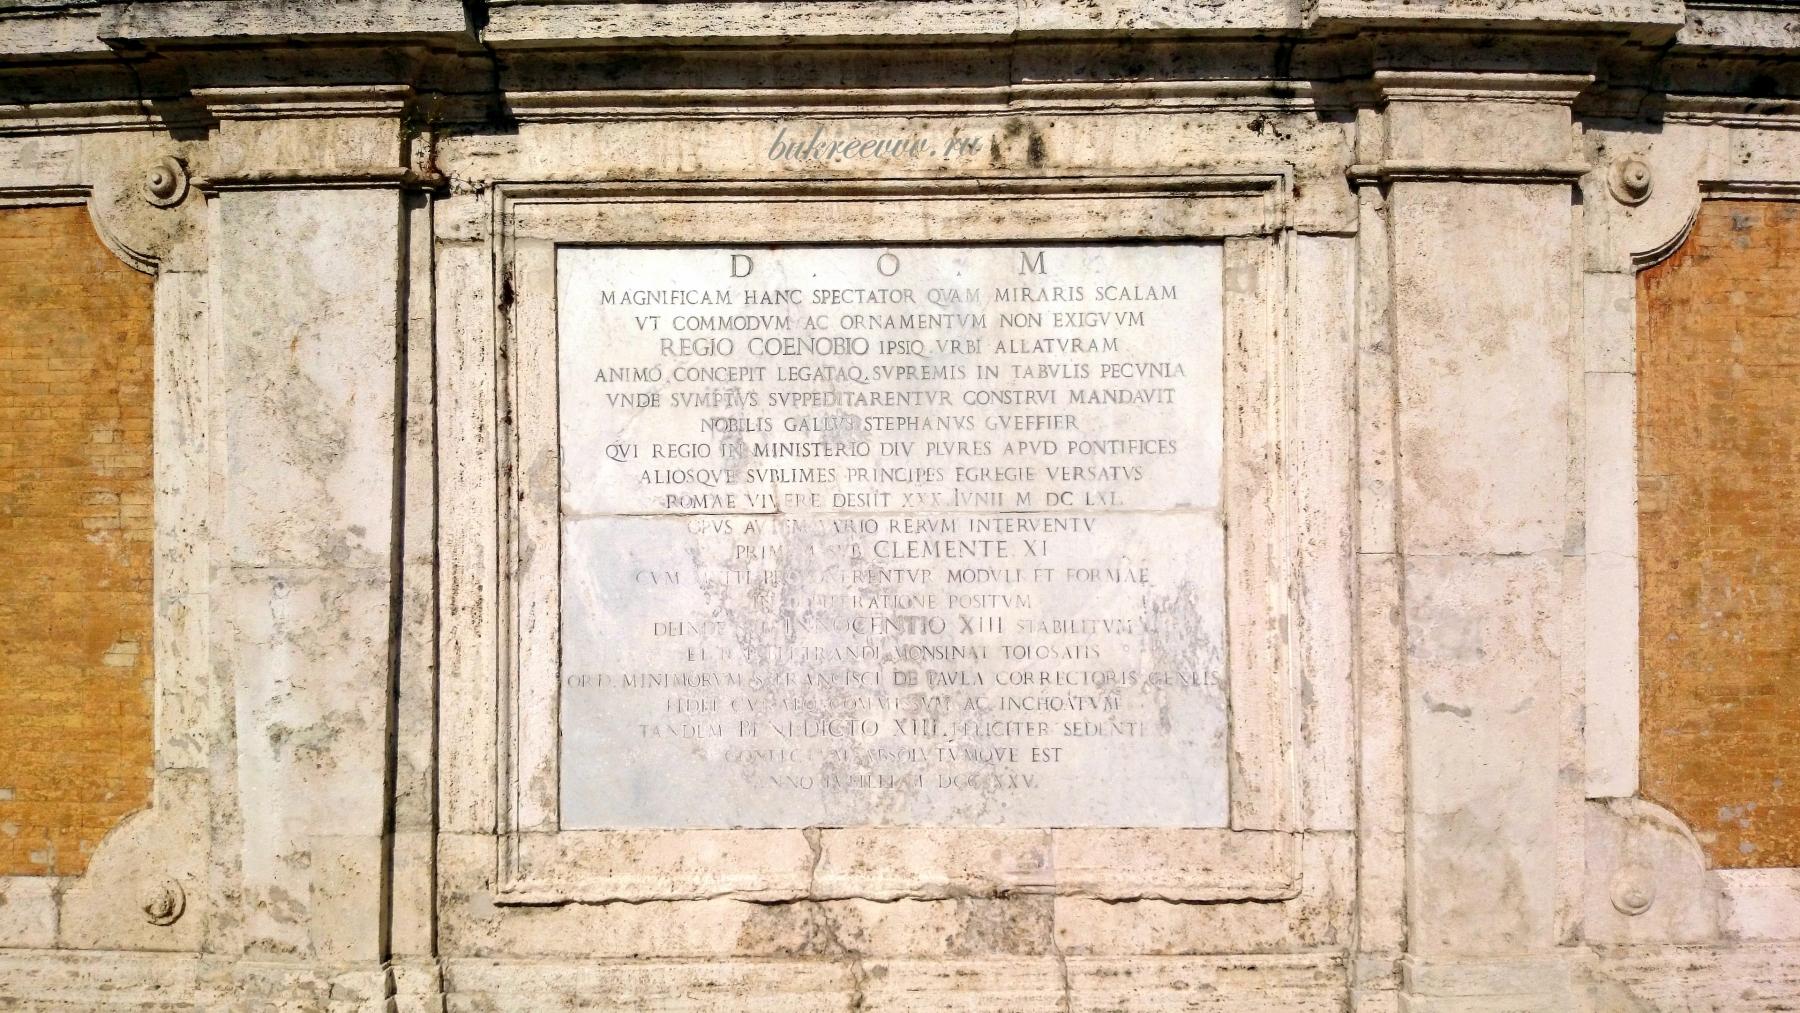 Piazza di Spagna 69